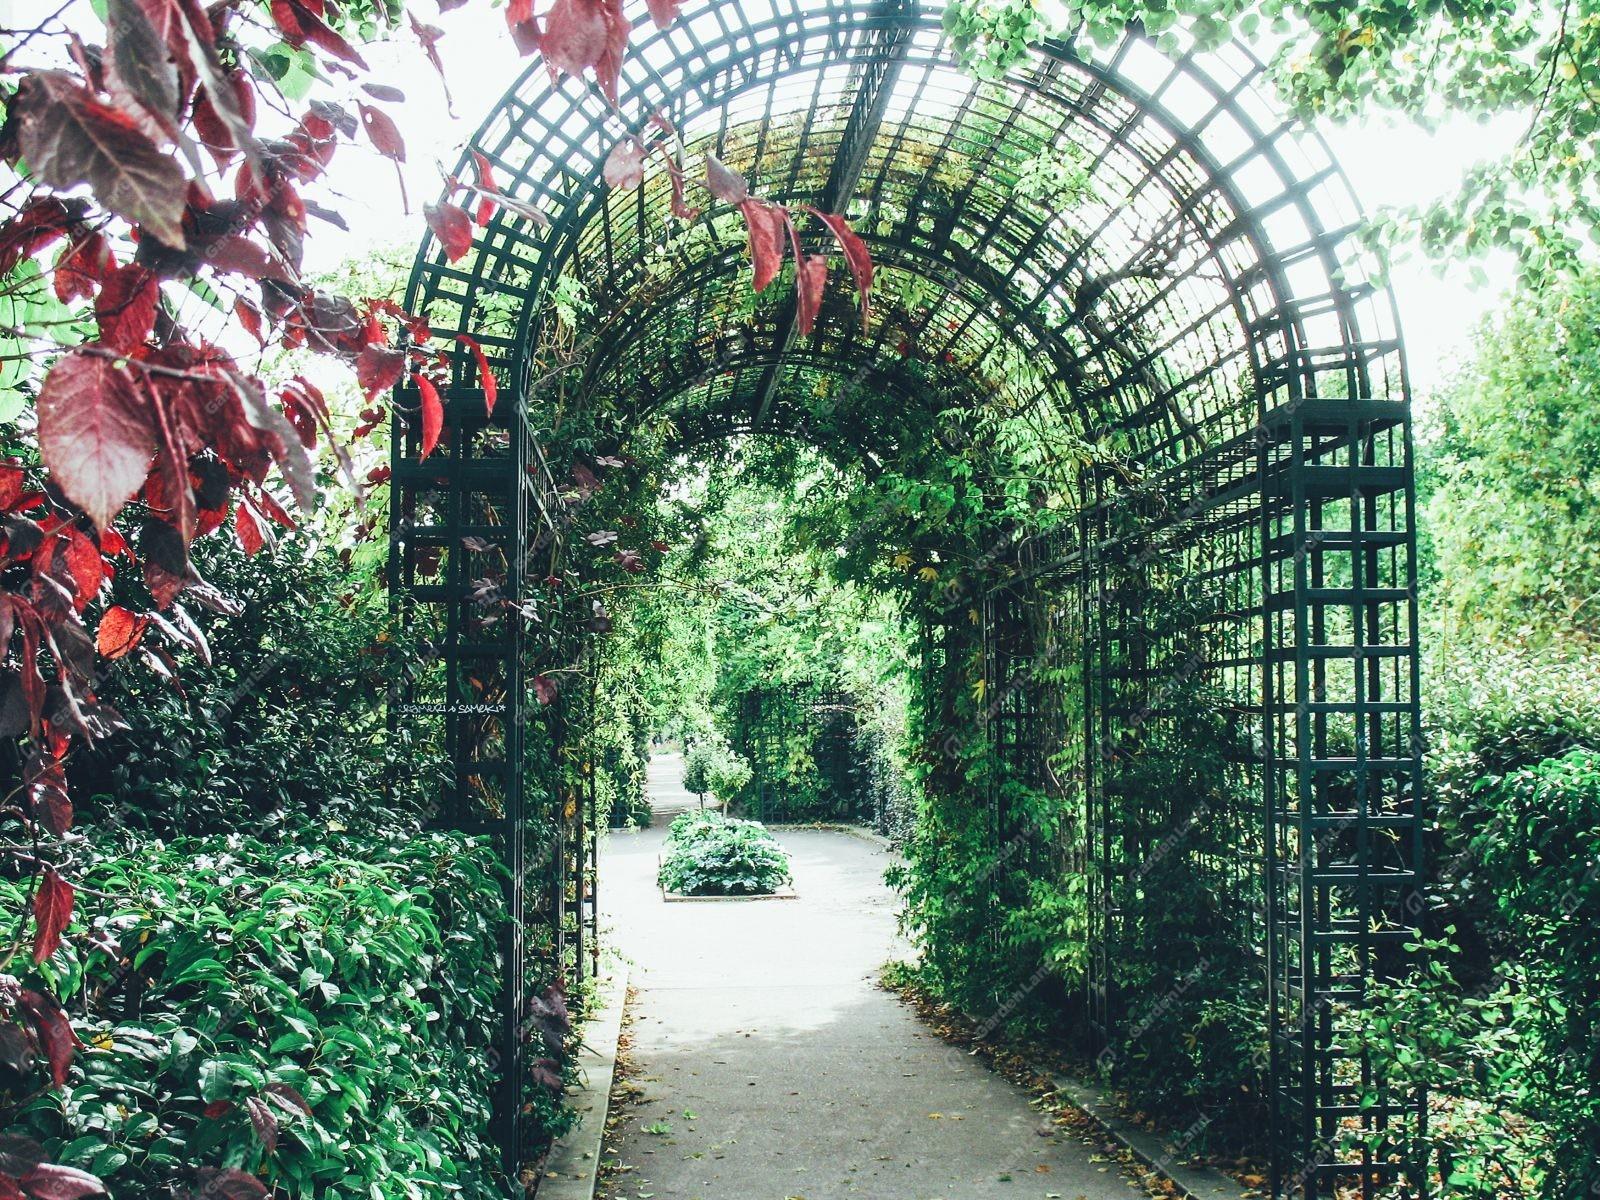 виноградные арки фотогалерея результате педаль